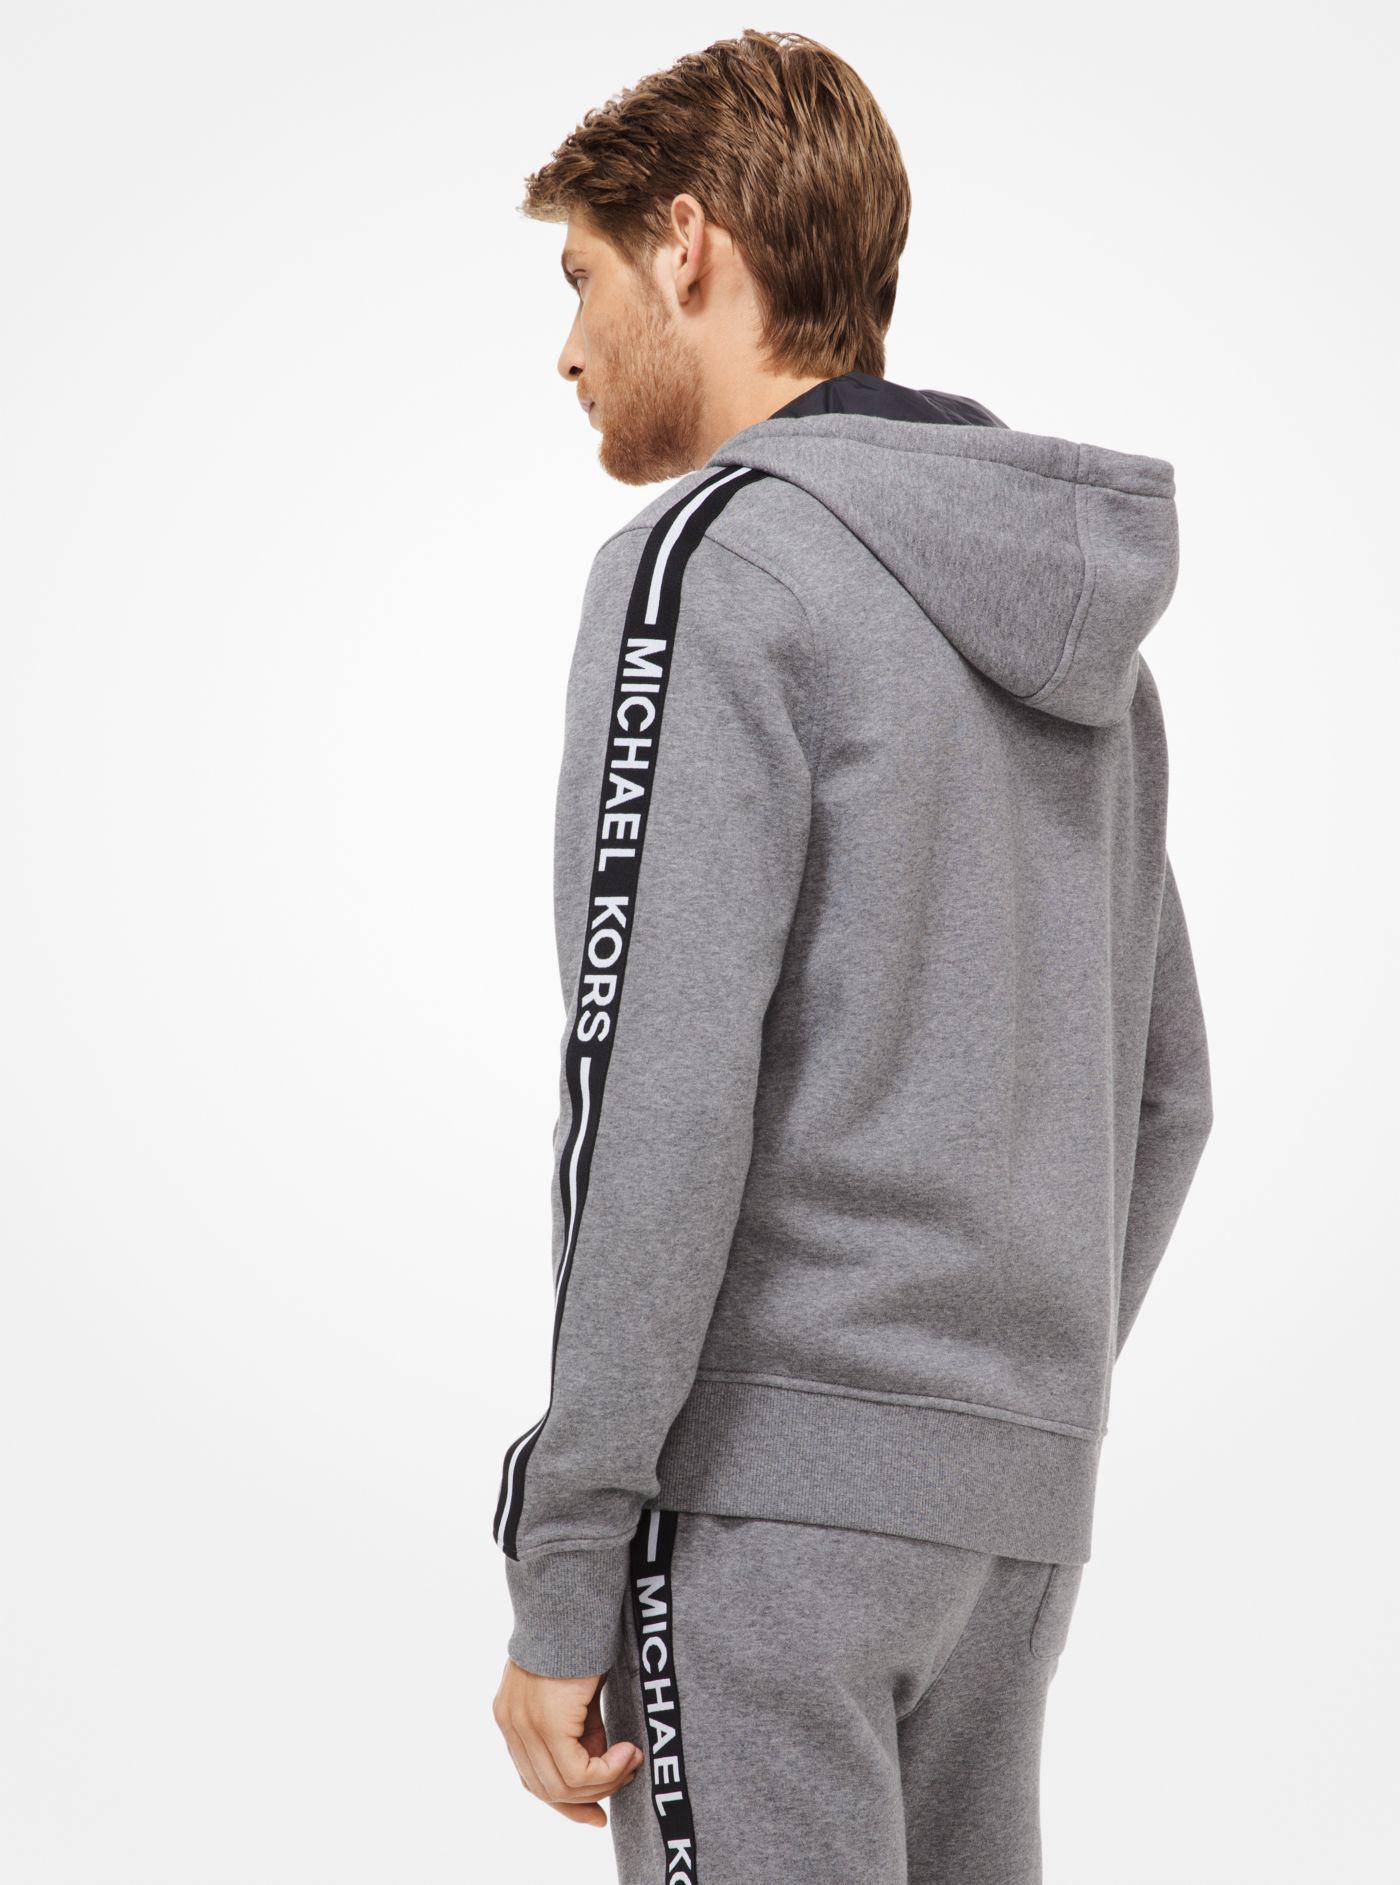 b31e6a1f221b3 Michael Kors - Gray Fleece Zip-up Hoodie for Men - Lyst. View fullscreen